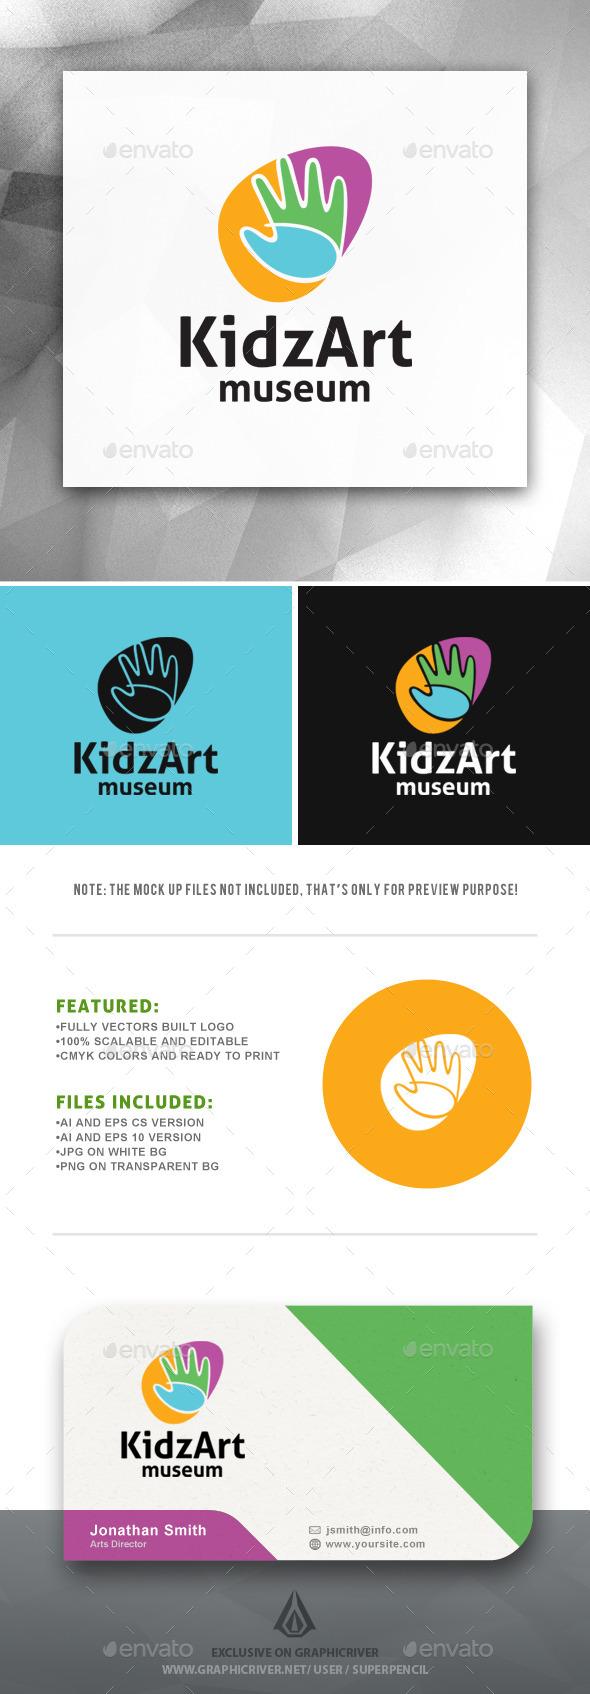 GraphicRiver KidzArt Museum Logo 11493277